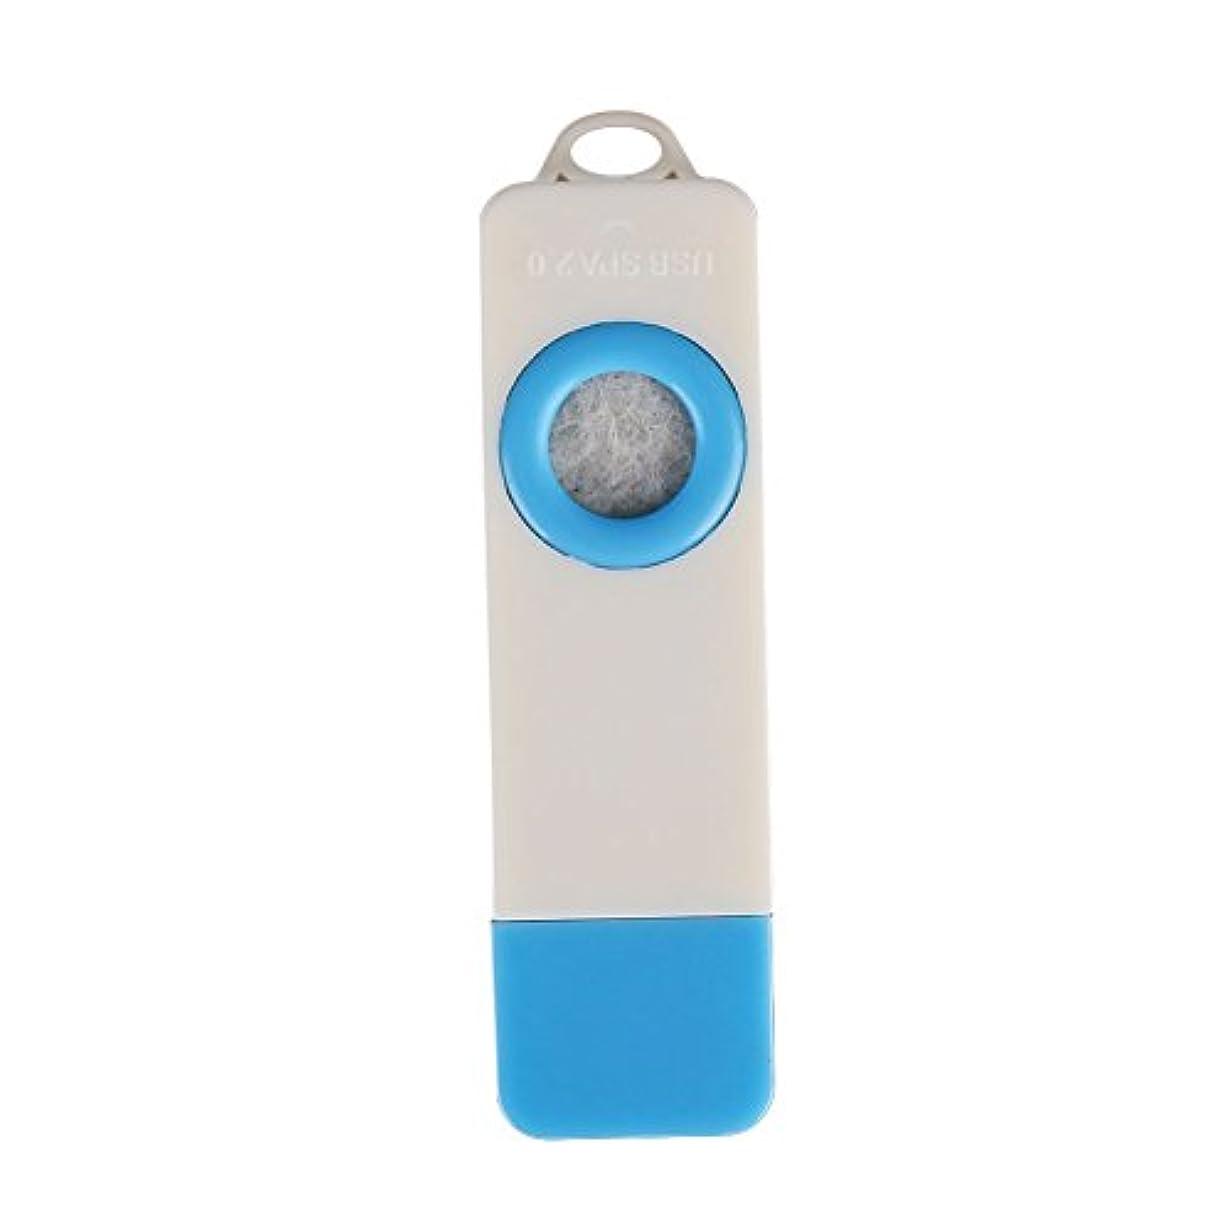 フリル即席ジャニスTOPmountain ファッションミニ USBアロマセラピーディフューザー ポータブル自動香 カーアクセサリーアクセサリー ホームアロマセラピー 健康アロマ オイル加湿器